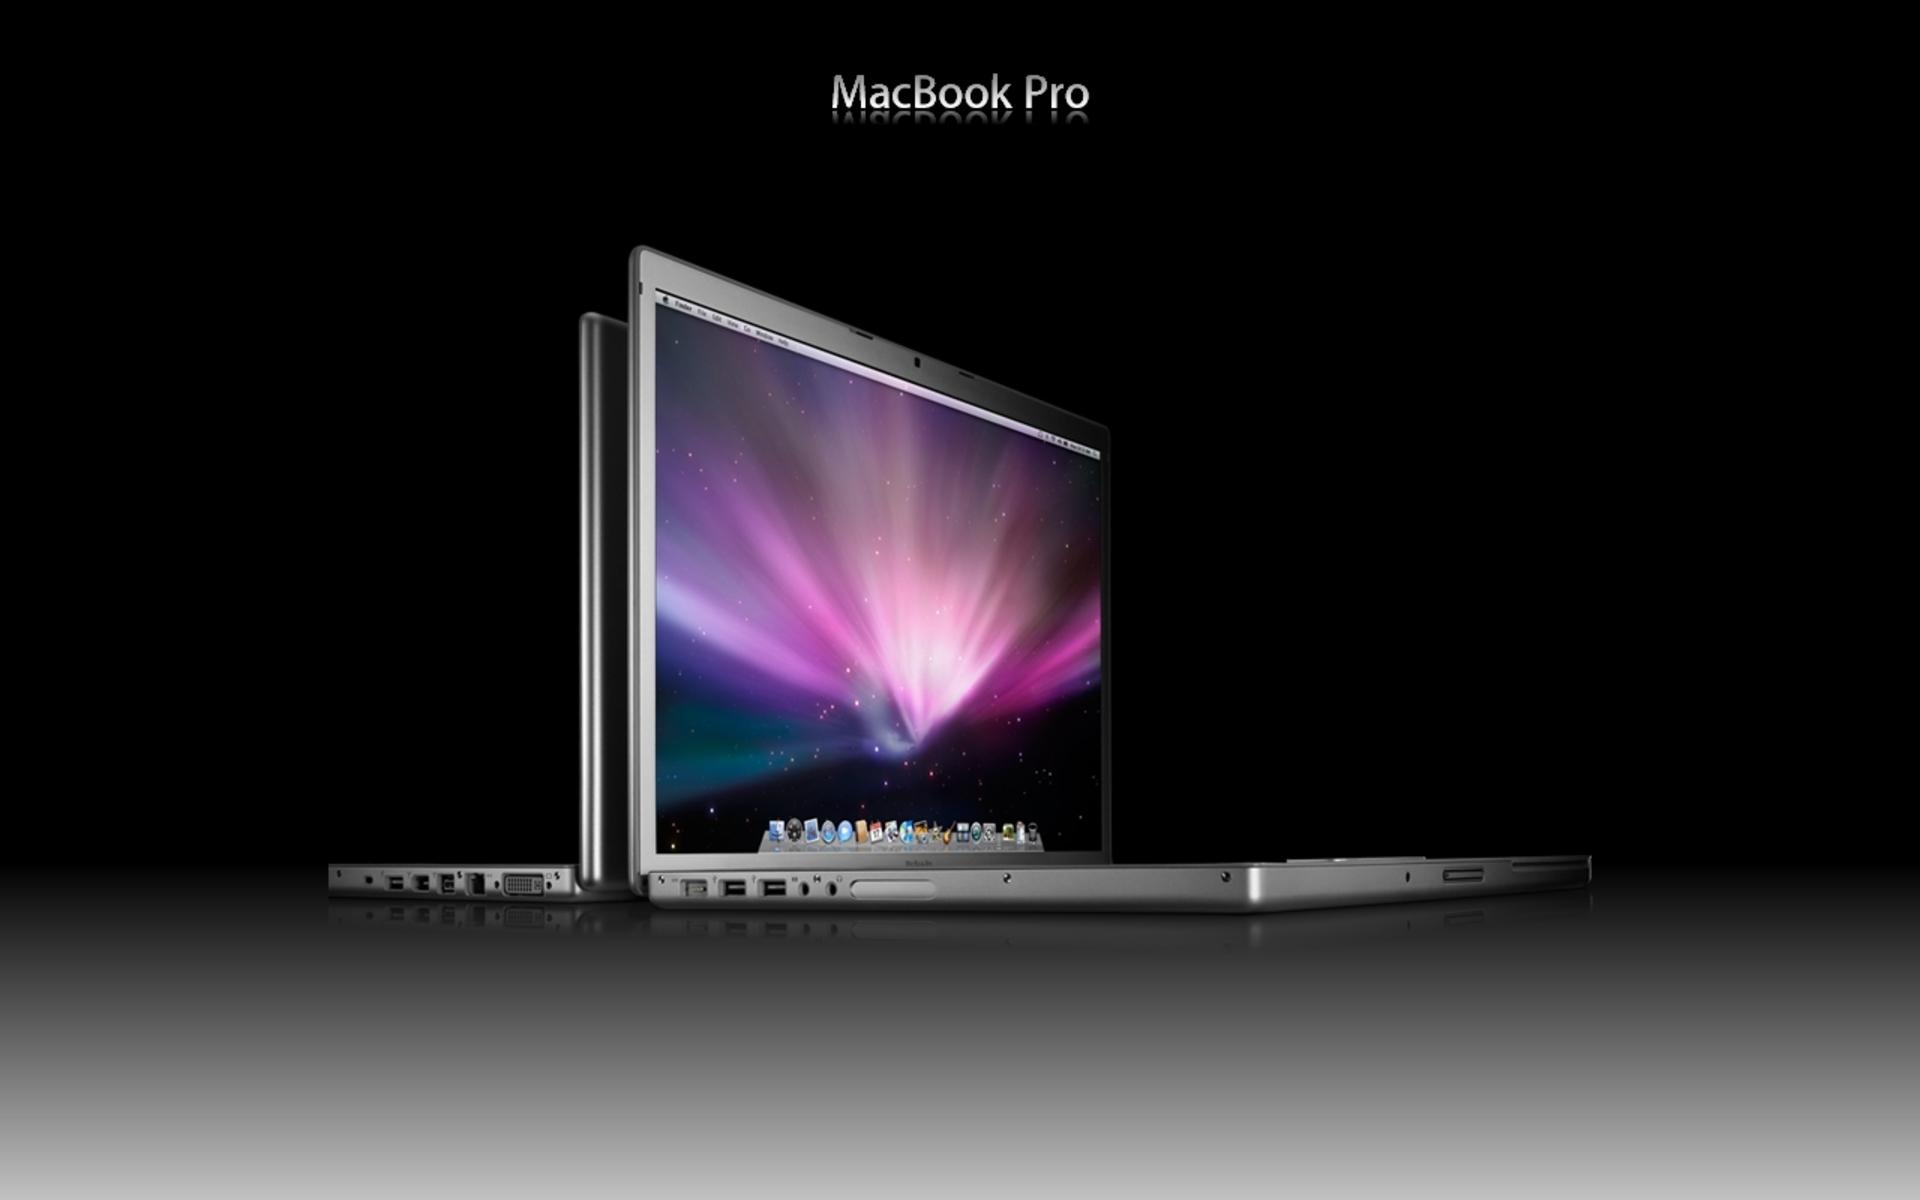 Apple MacBook Pro   Wallpaper 41359 1920x1200